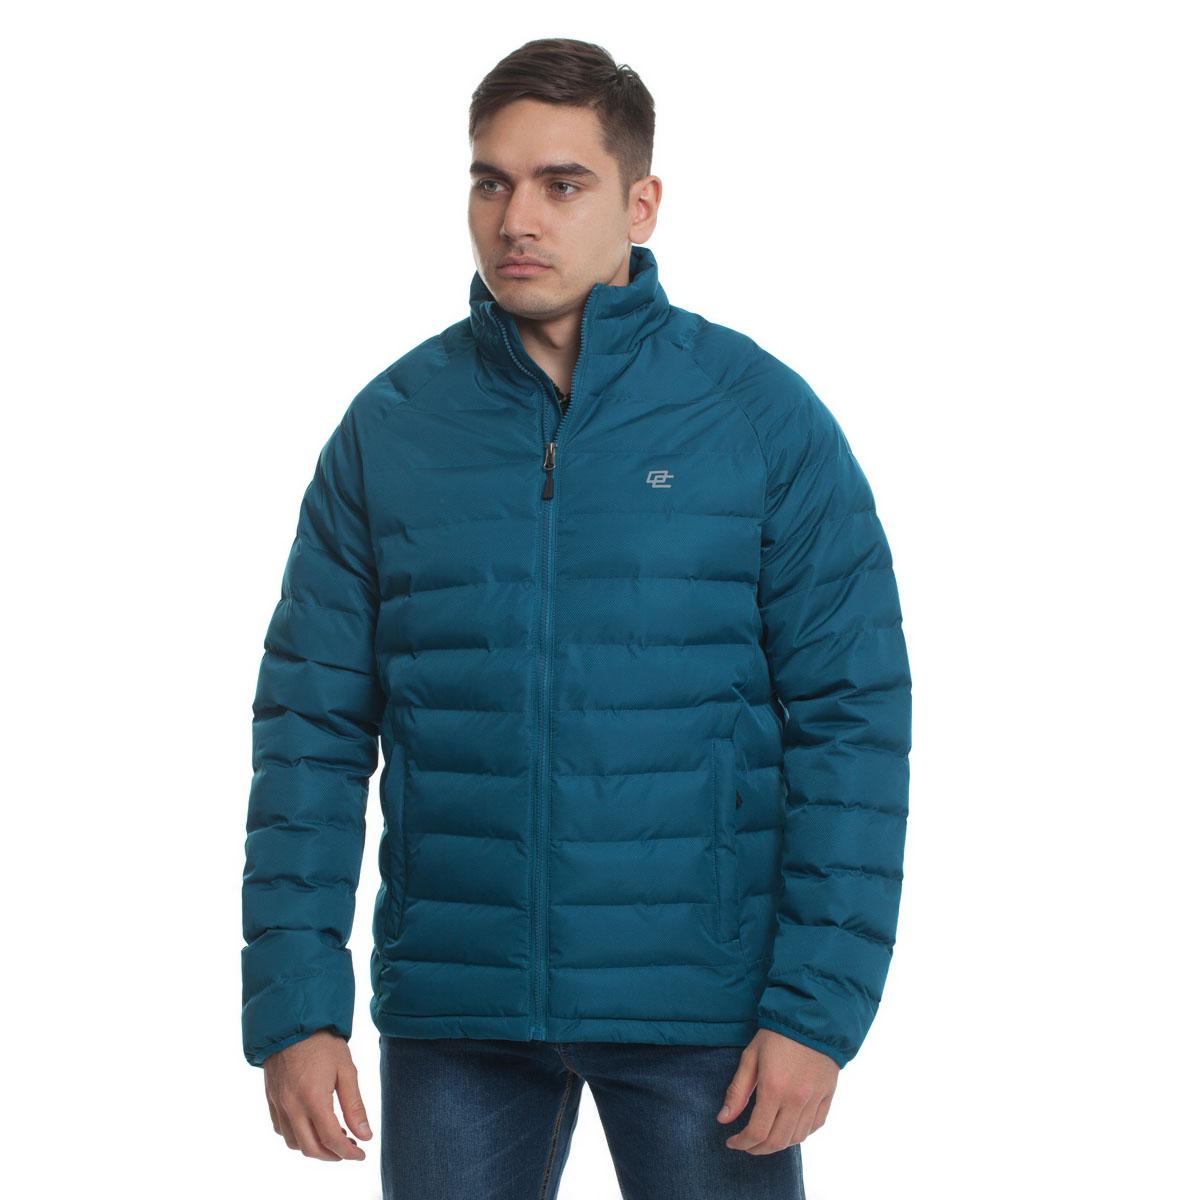 Куртка демисезонная Sevenext, DH-20585 куртка демисезонная im dh 1612